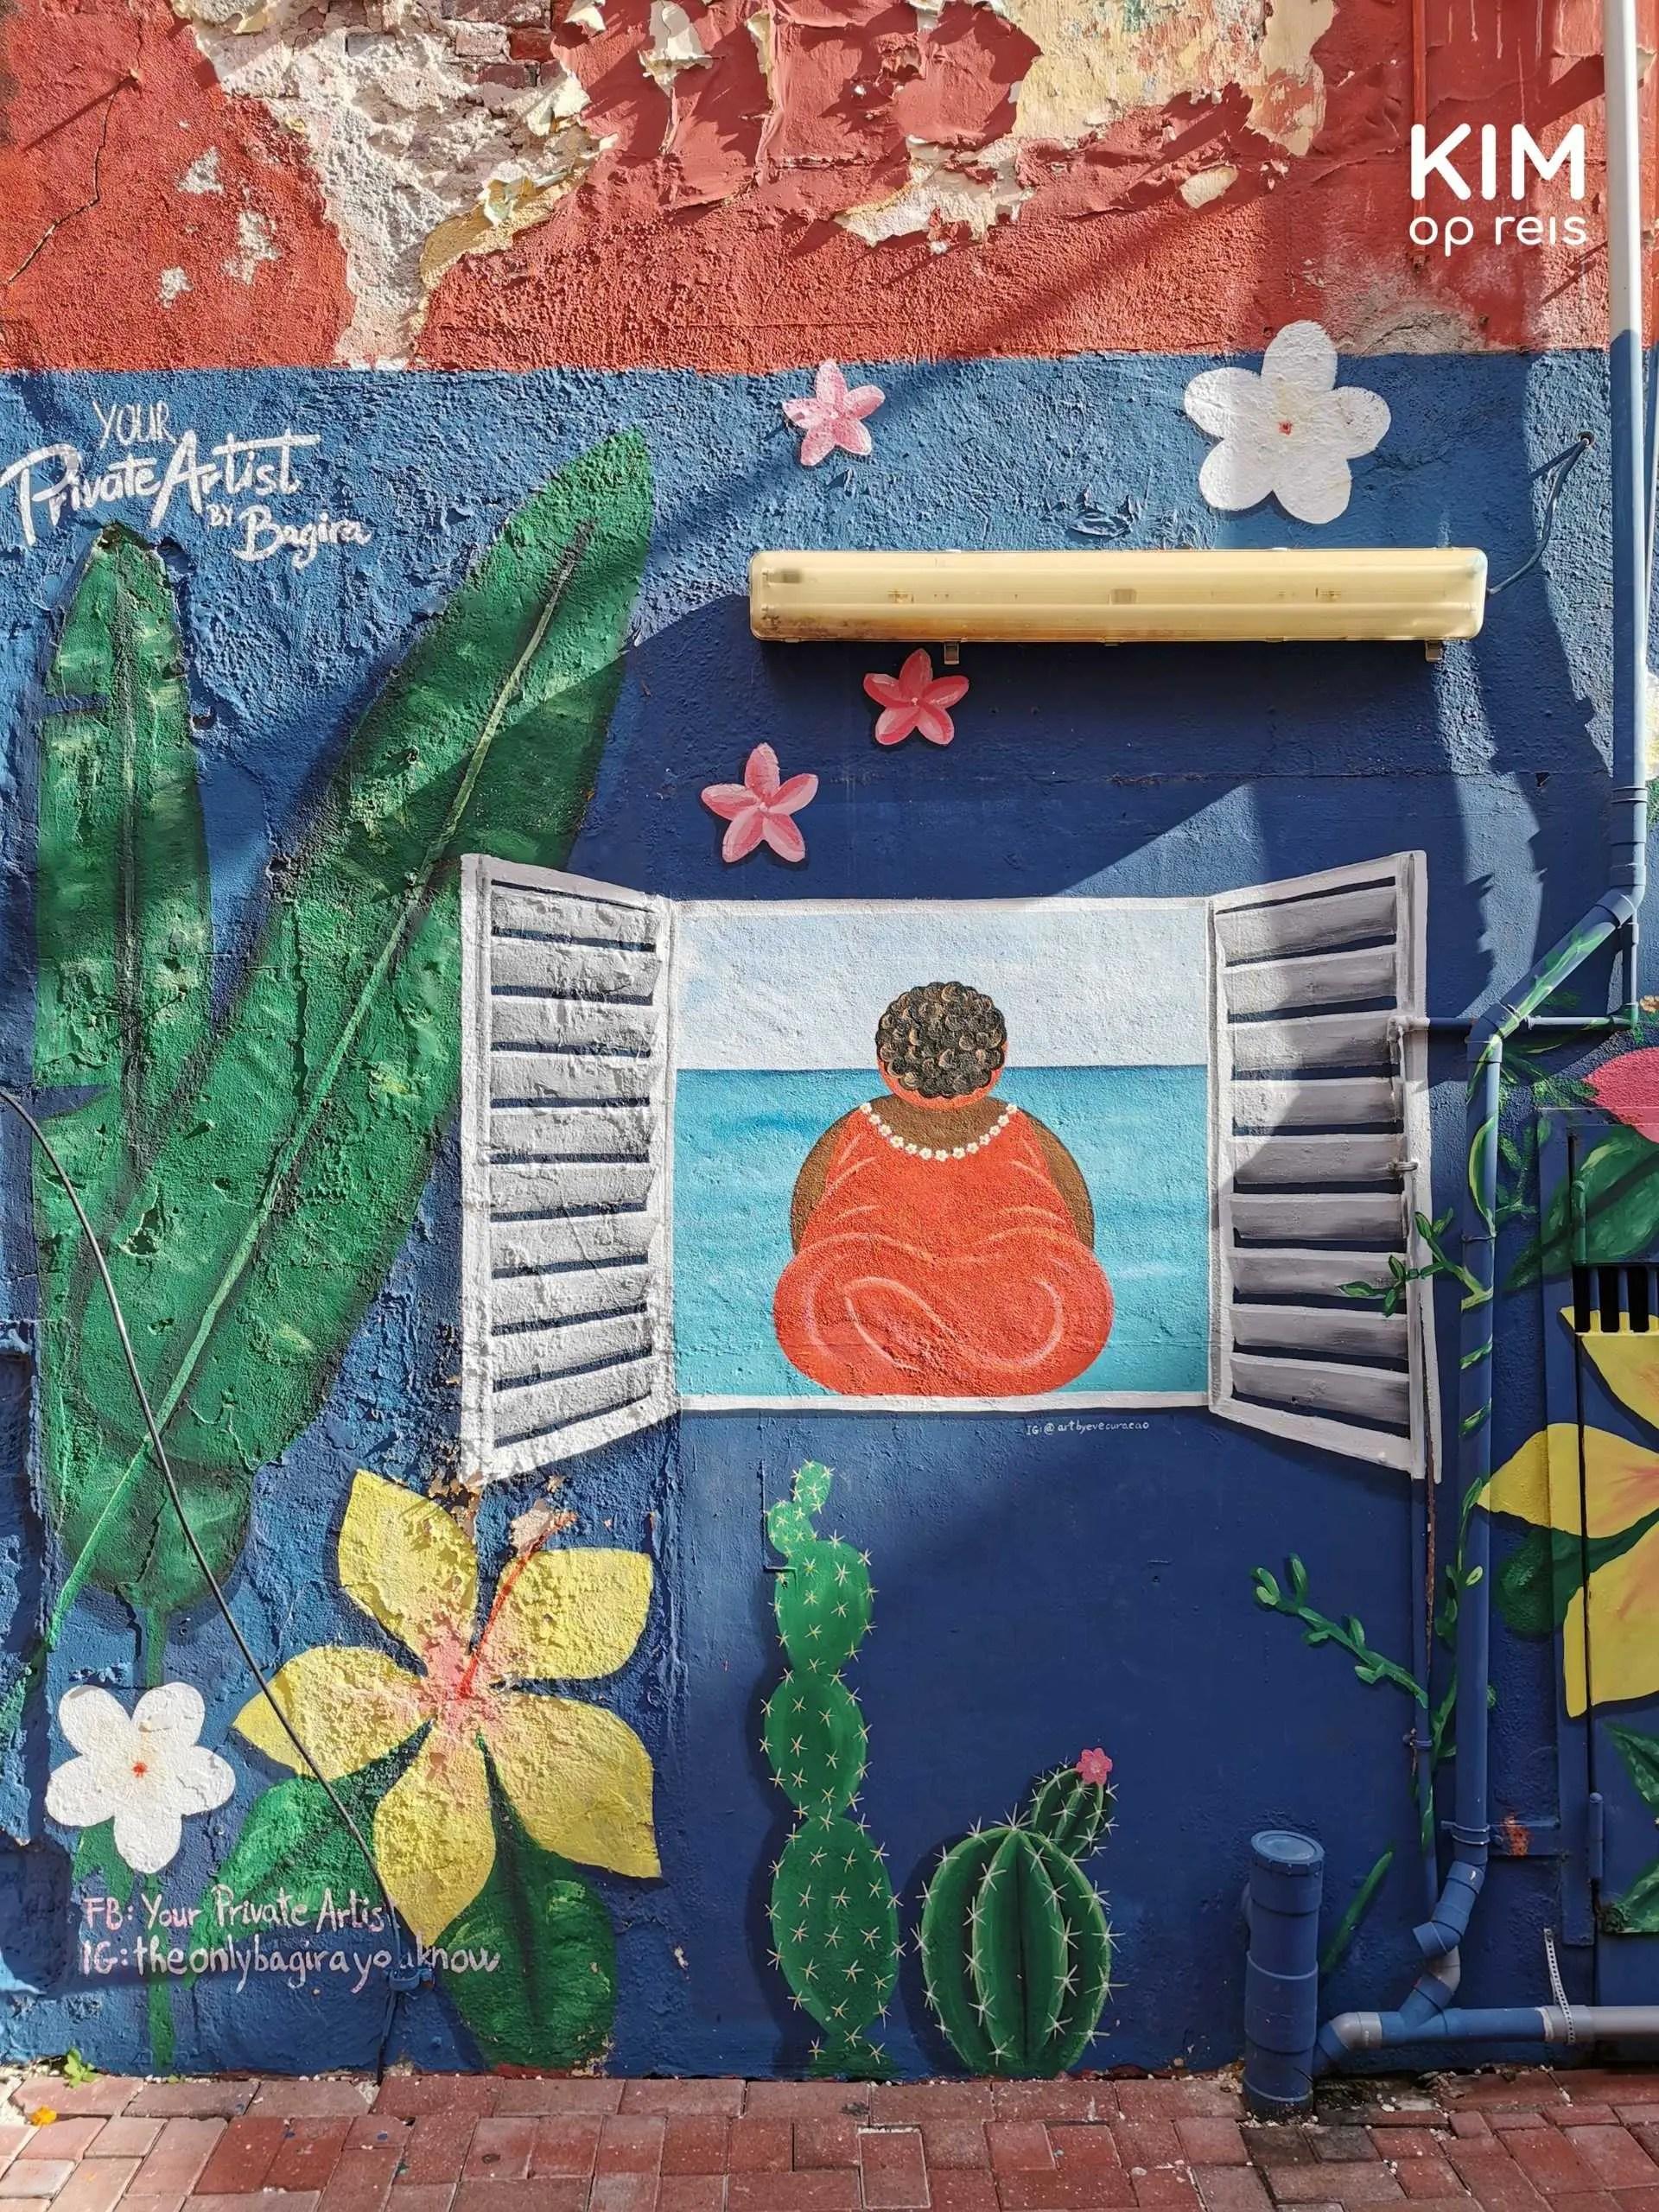 Art Alley muurschildering: schildering van een raam met luikjes waar een dame inzit, omgeven door planten en bloemen op een blauwe achtergrond